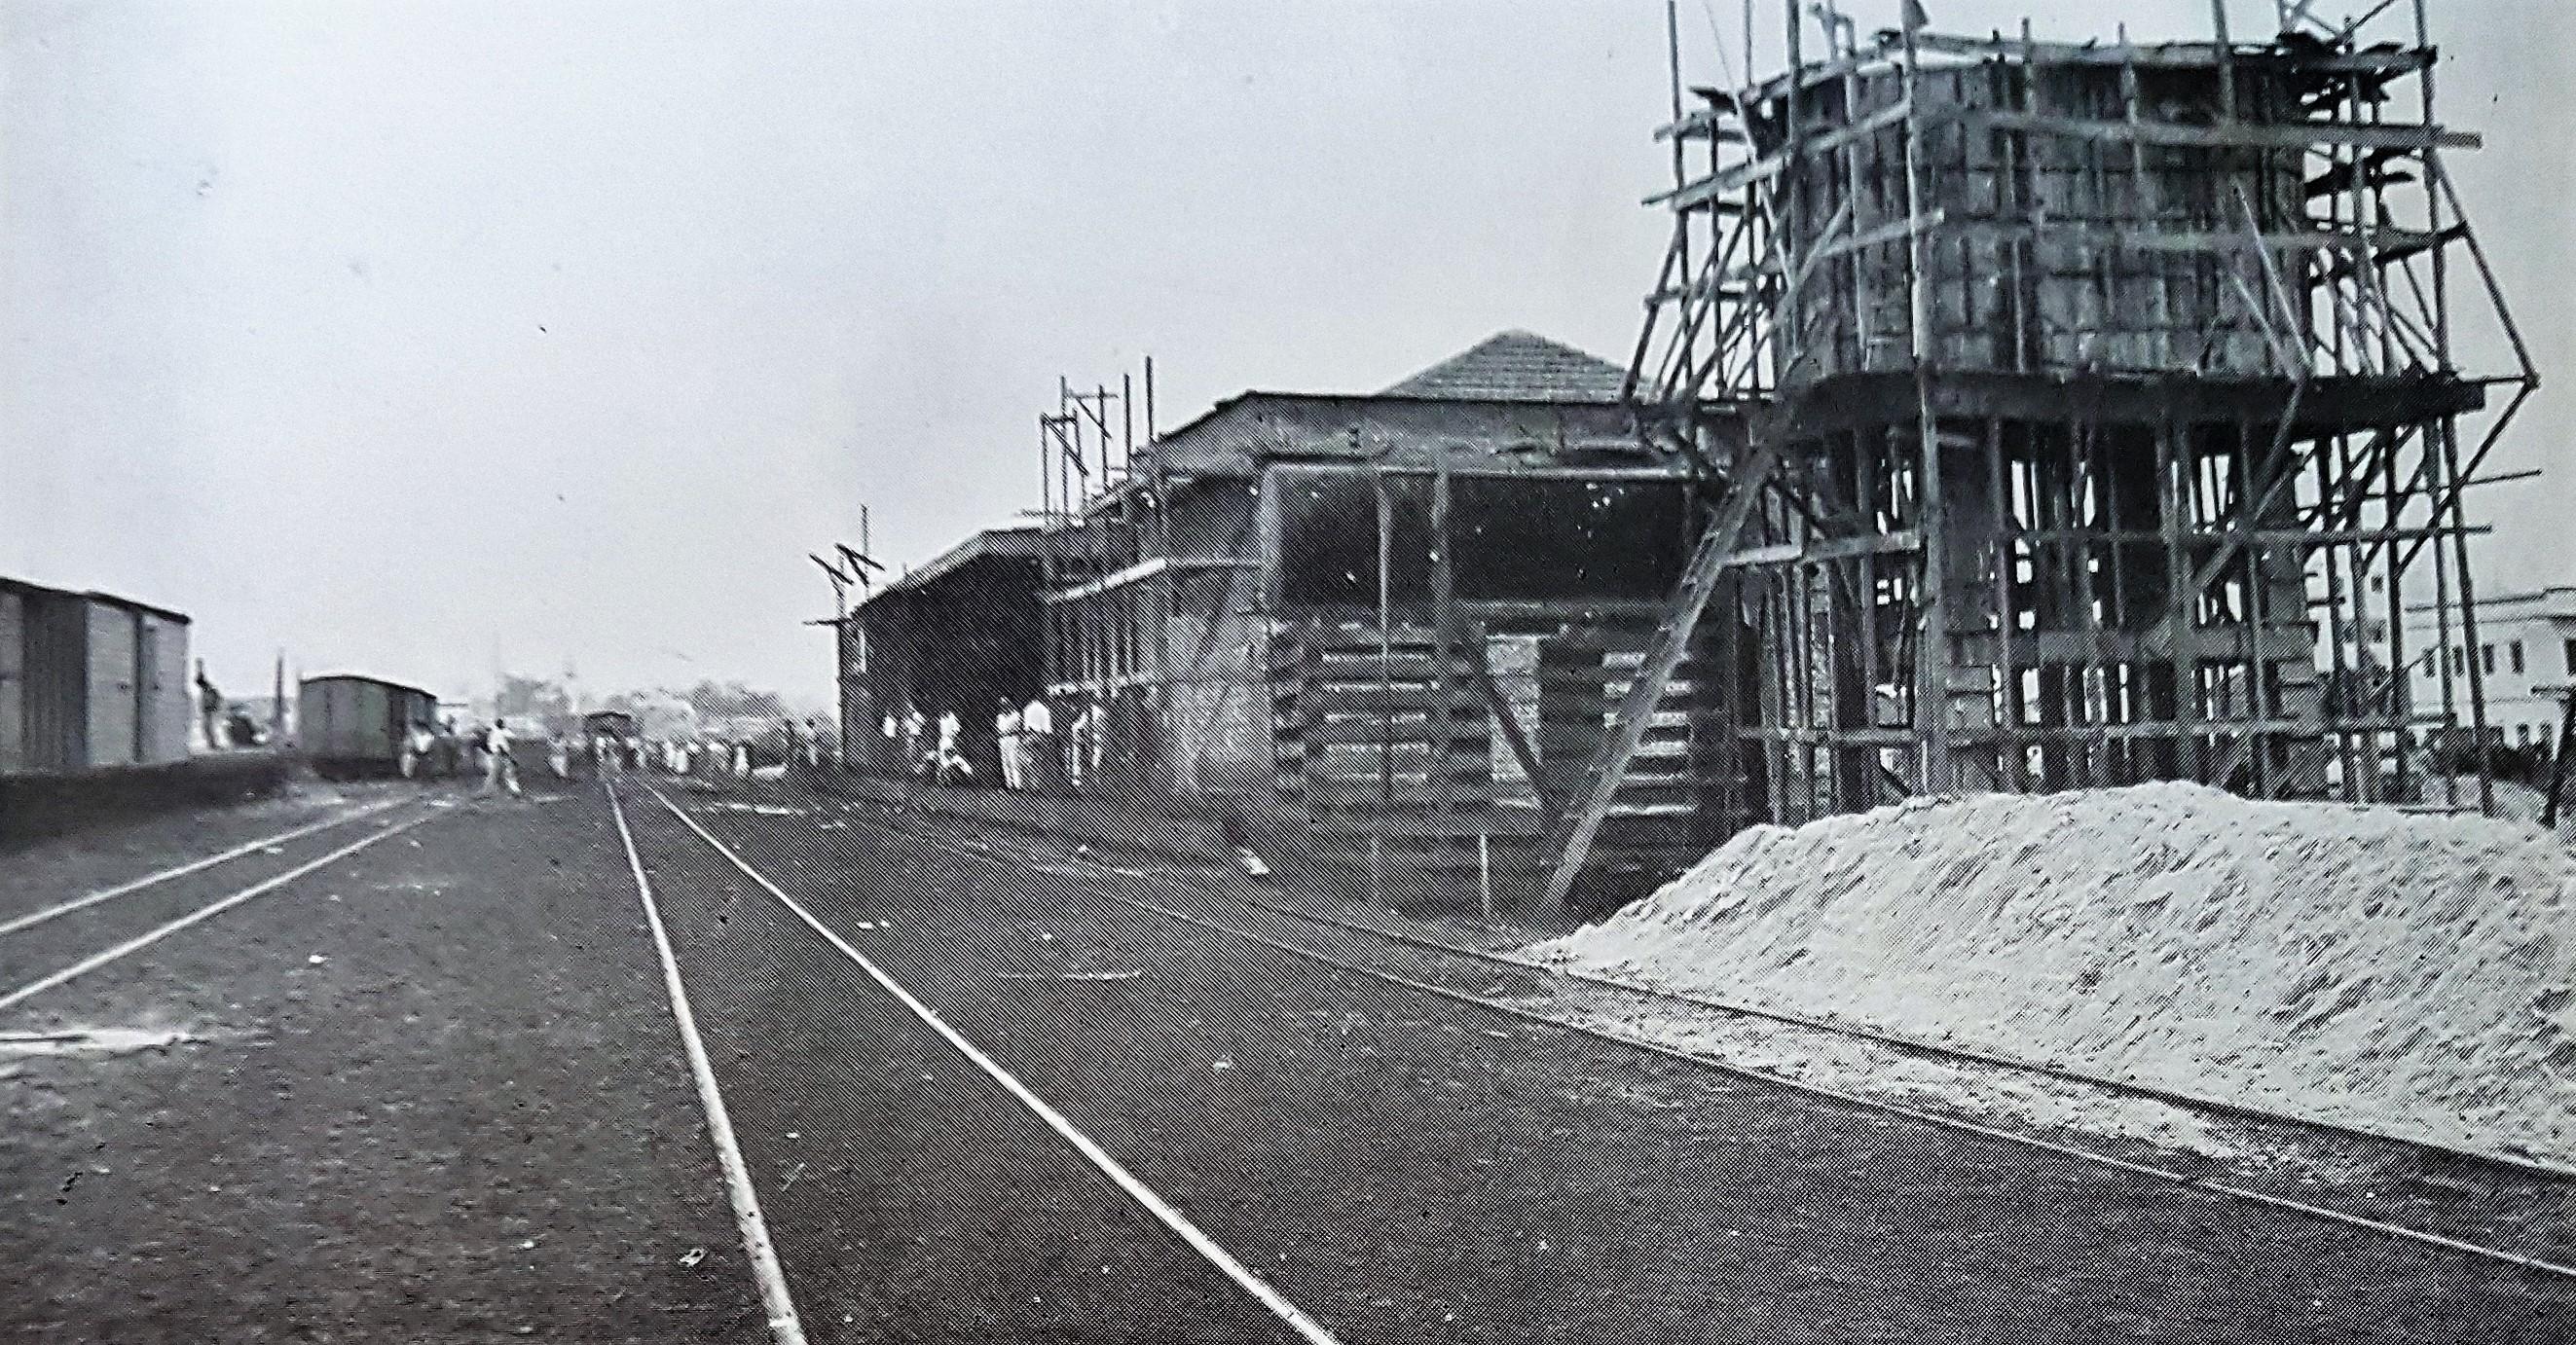 Estação inacabada e a chegada do trem - 1954